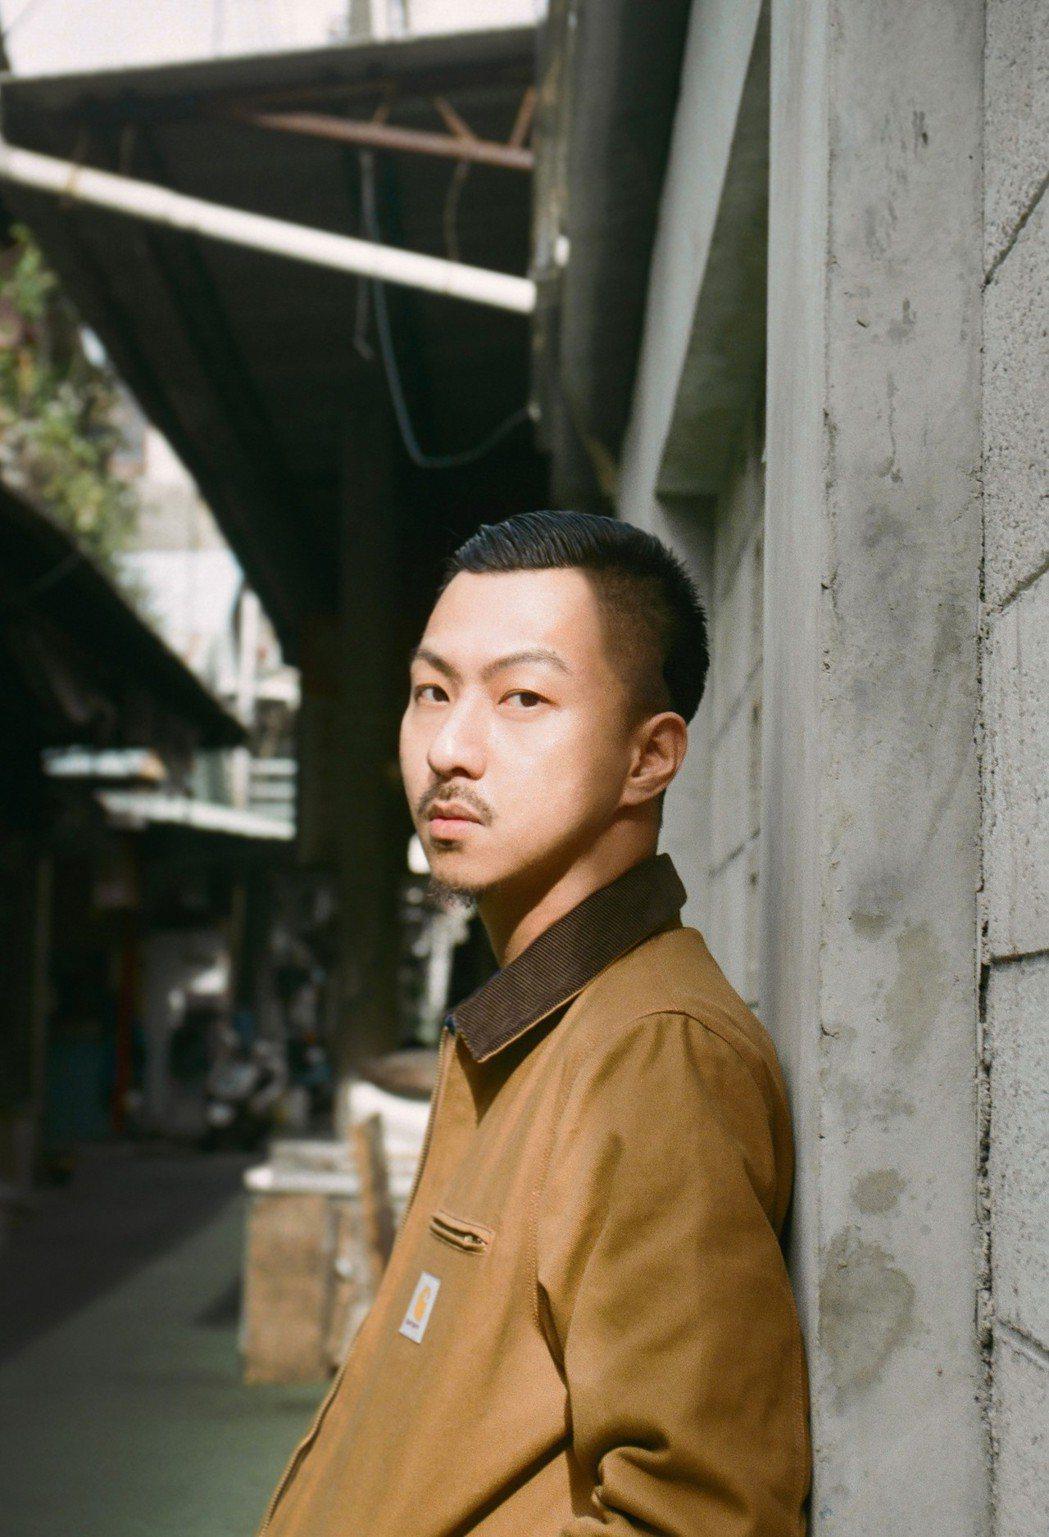 賴慈泓推出新歌「我的事不關你的事」。圖/混血兒娛樂提供